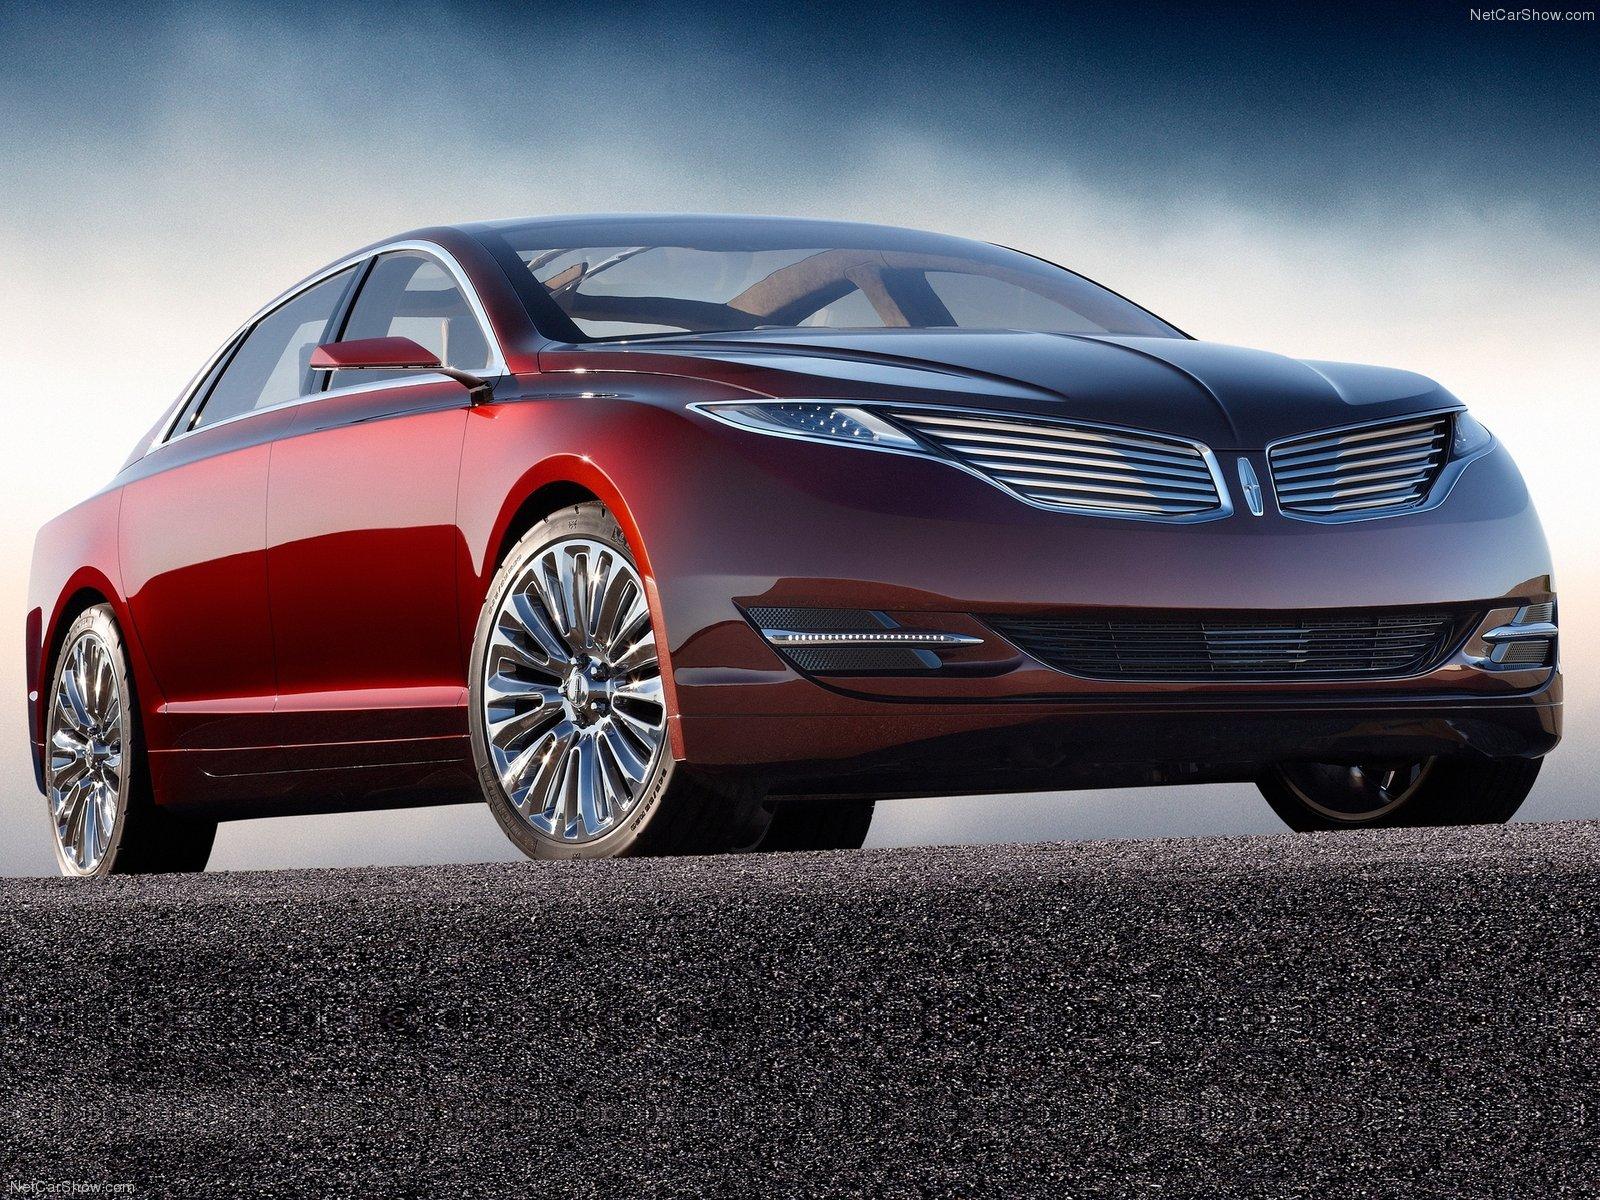 Hình ảnh xe ô tô Lincoln MKZ Concept 2012 & nội ngoại thất